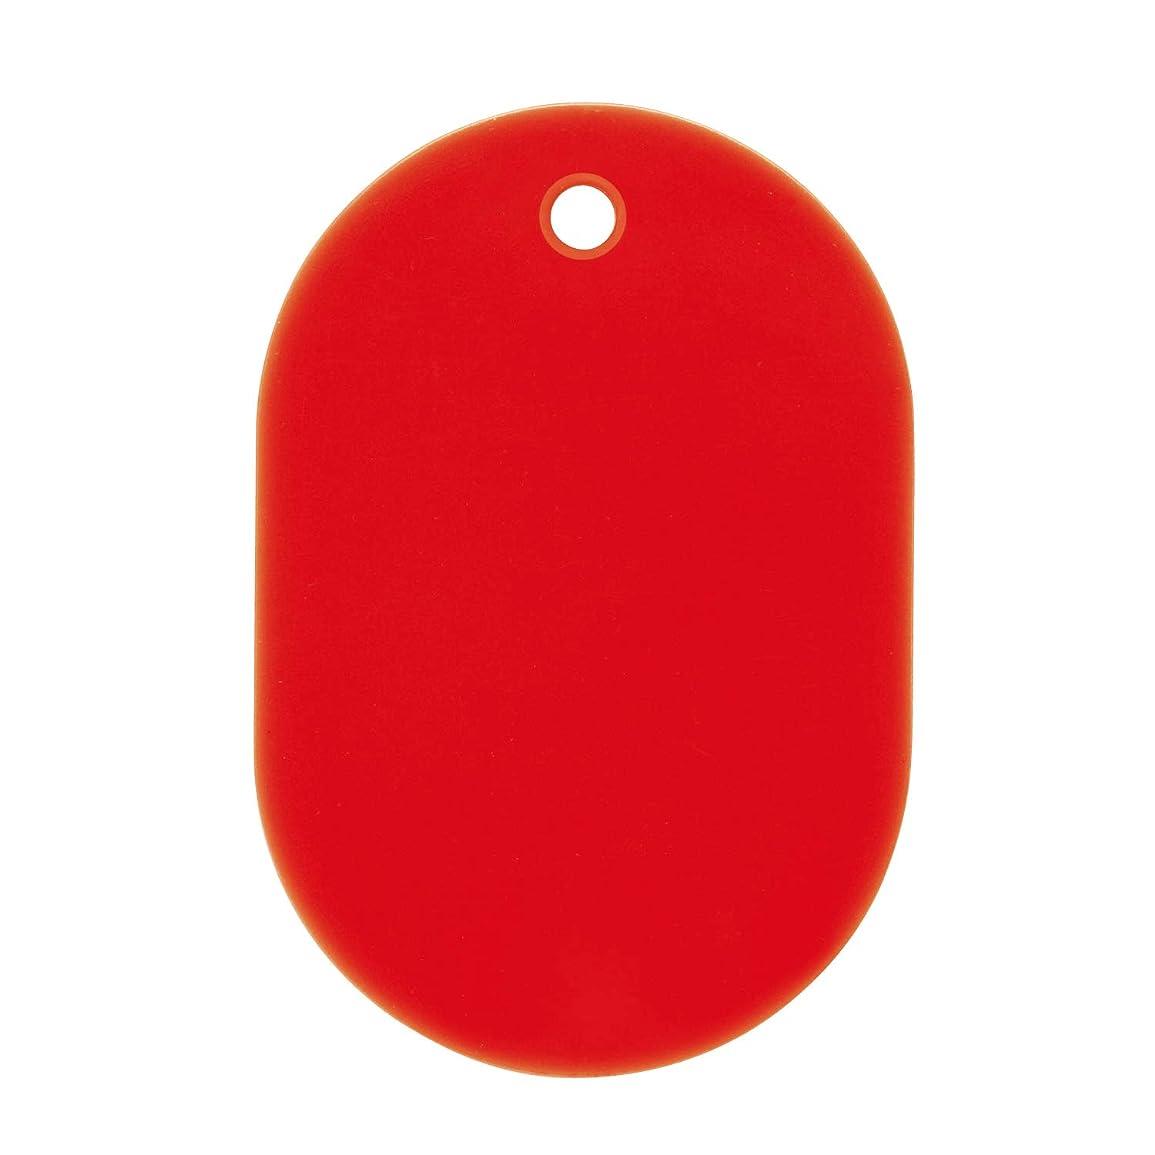 凶暴な時計回りブロー【ノーブランド品】クラフト紙製 無地 カード 荷札 ラベル タグ (ブラック) 100枚